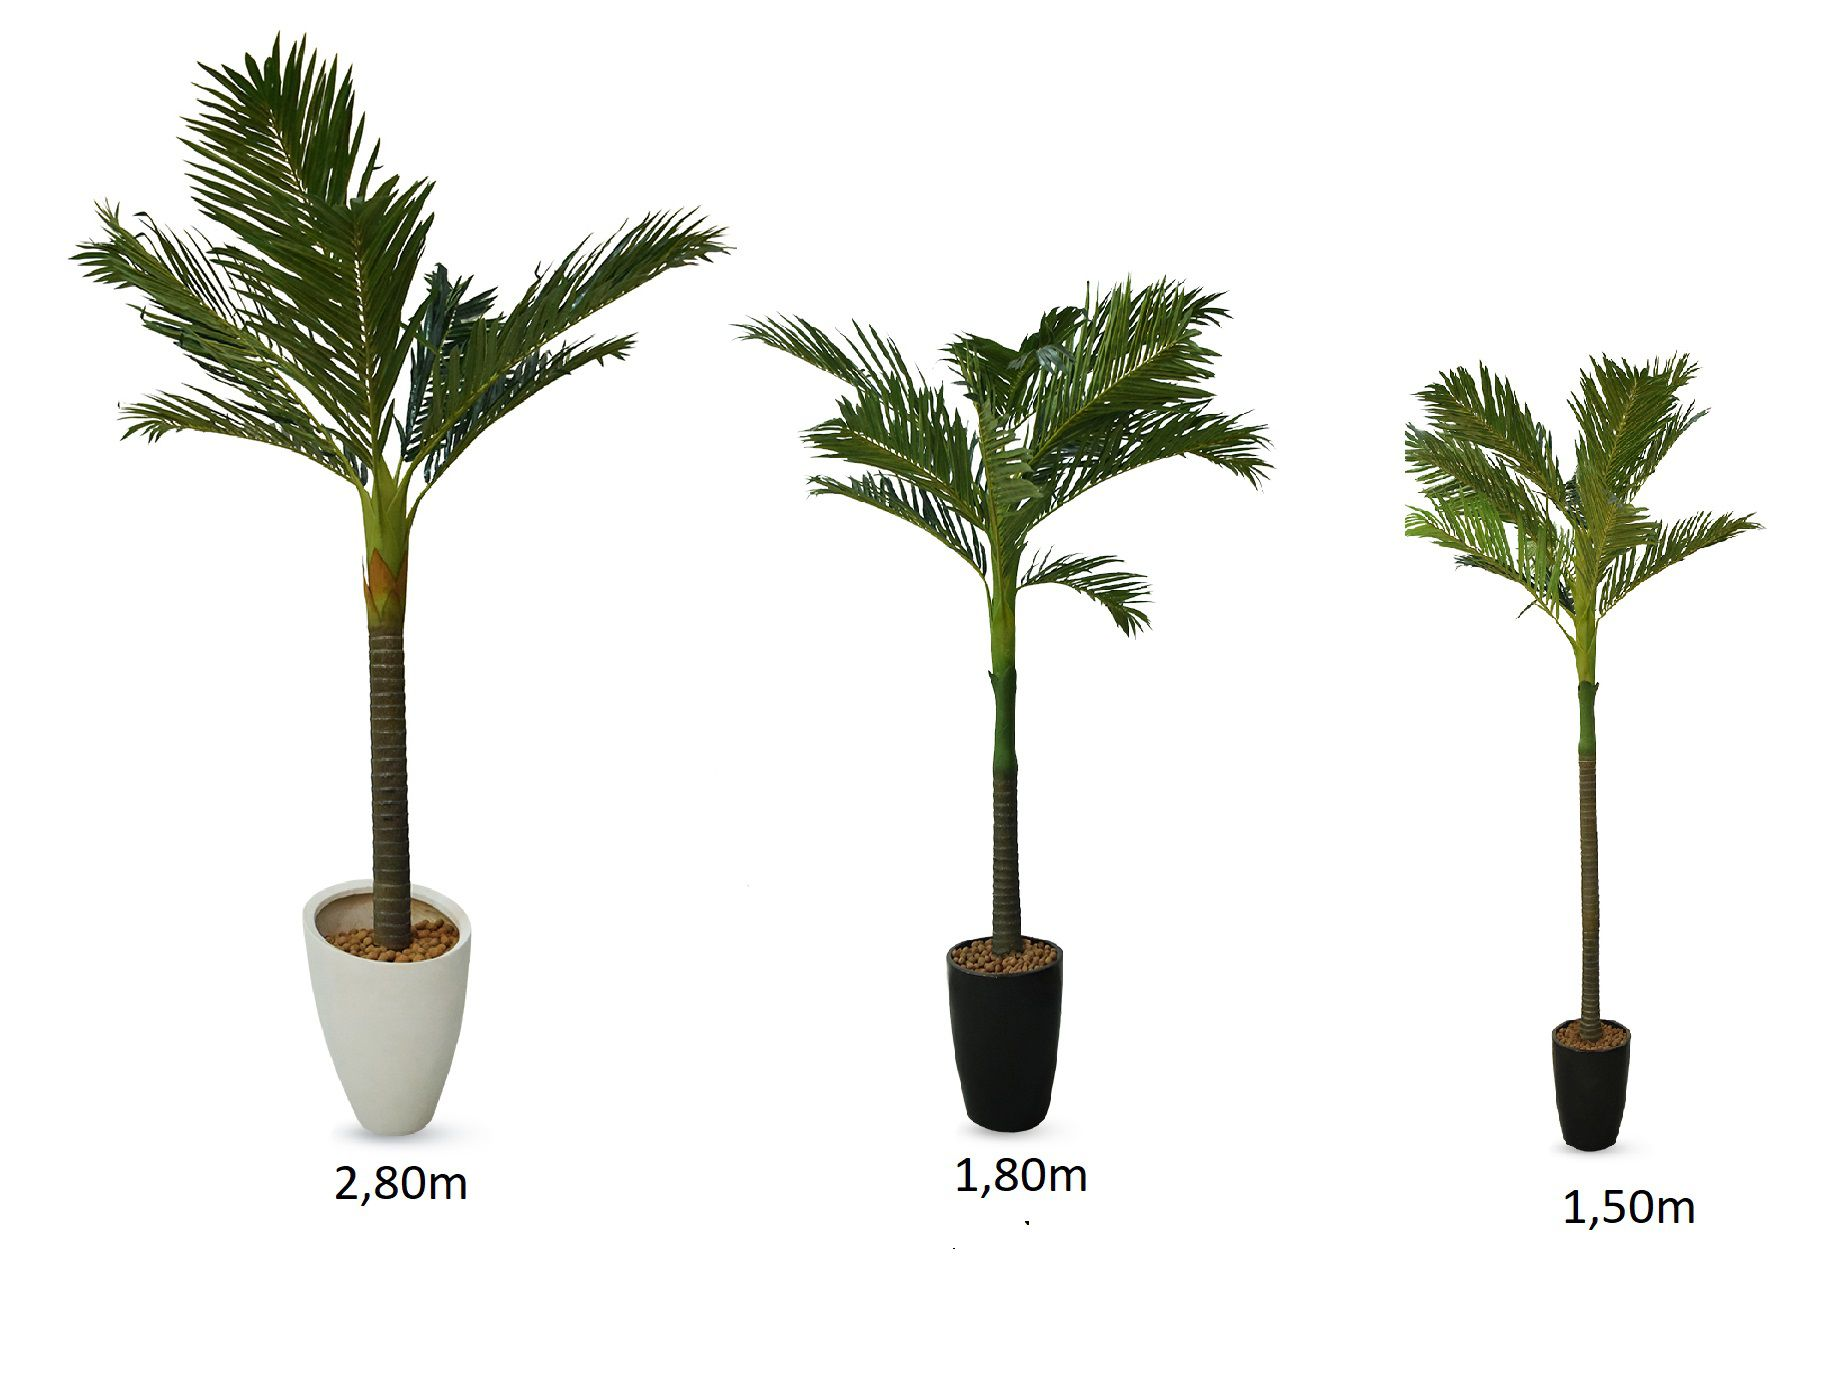 Planta Palmeira Permanente Combo 1,50 1,80 2,80 cm